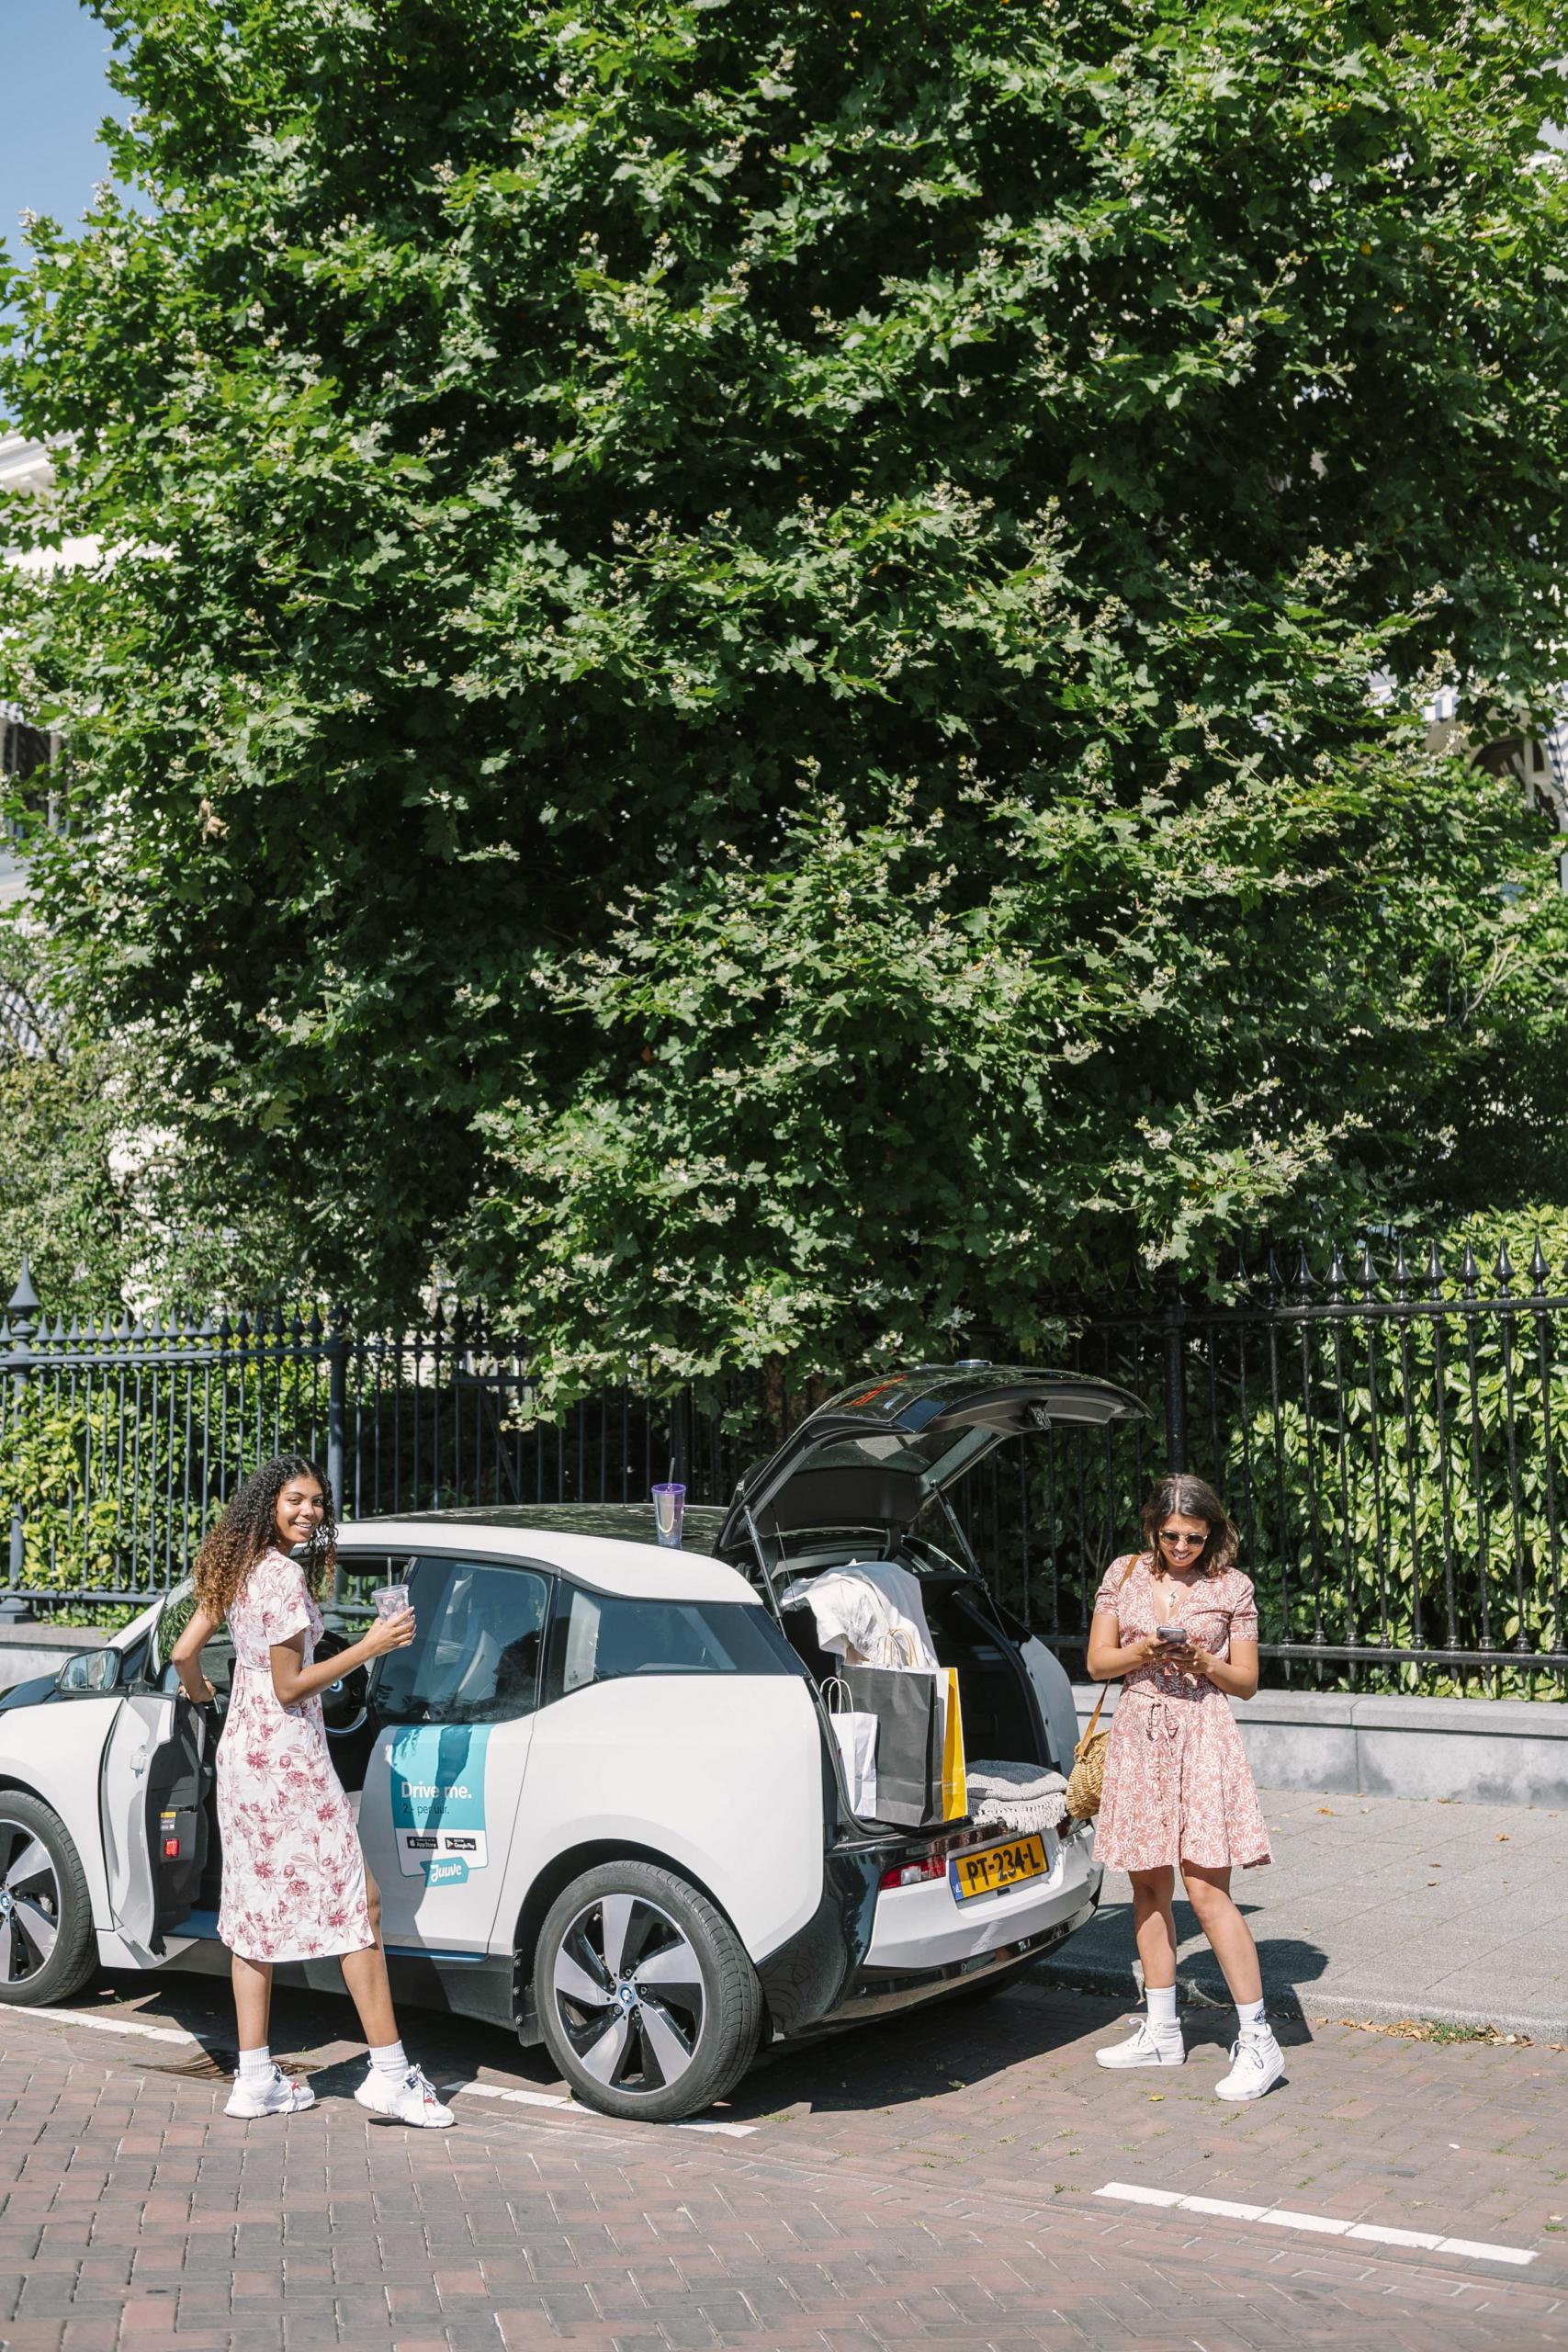 twee vrouwen staan bij een deelauto